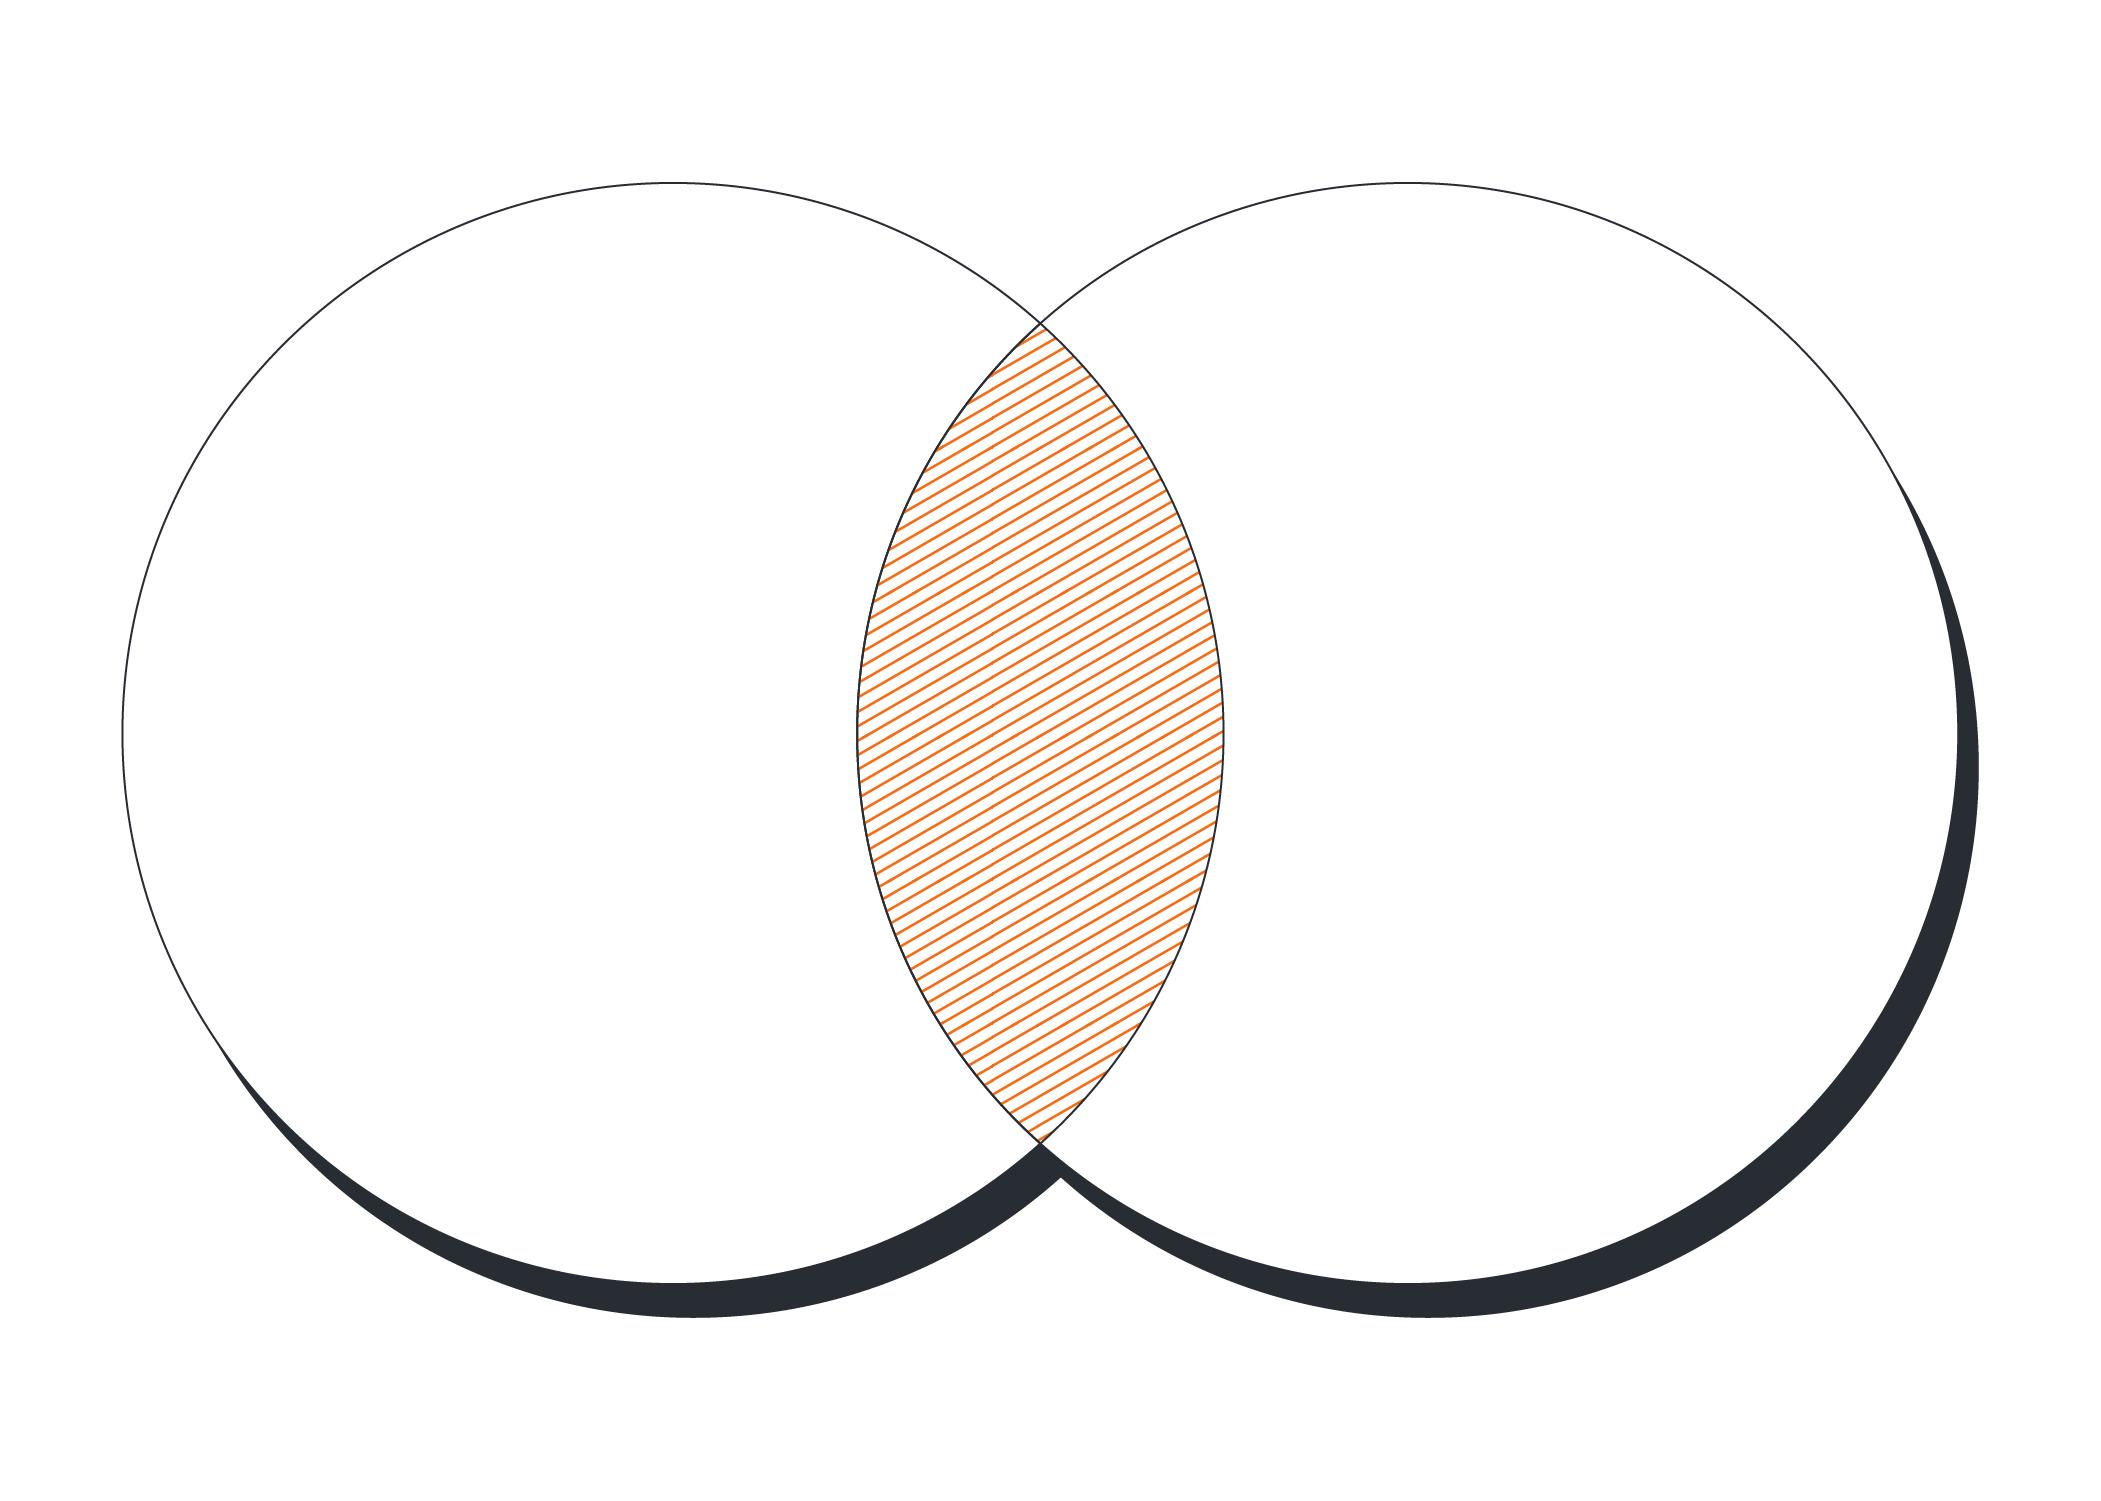 Blank Venn Diagram Template Collection